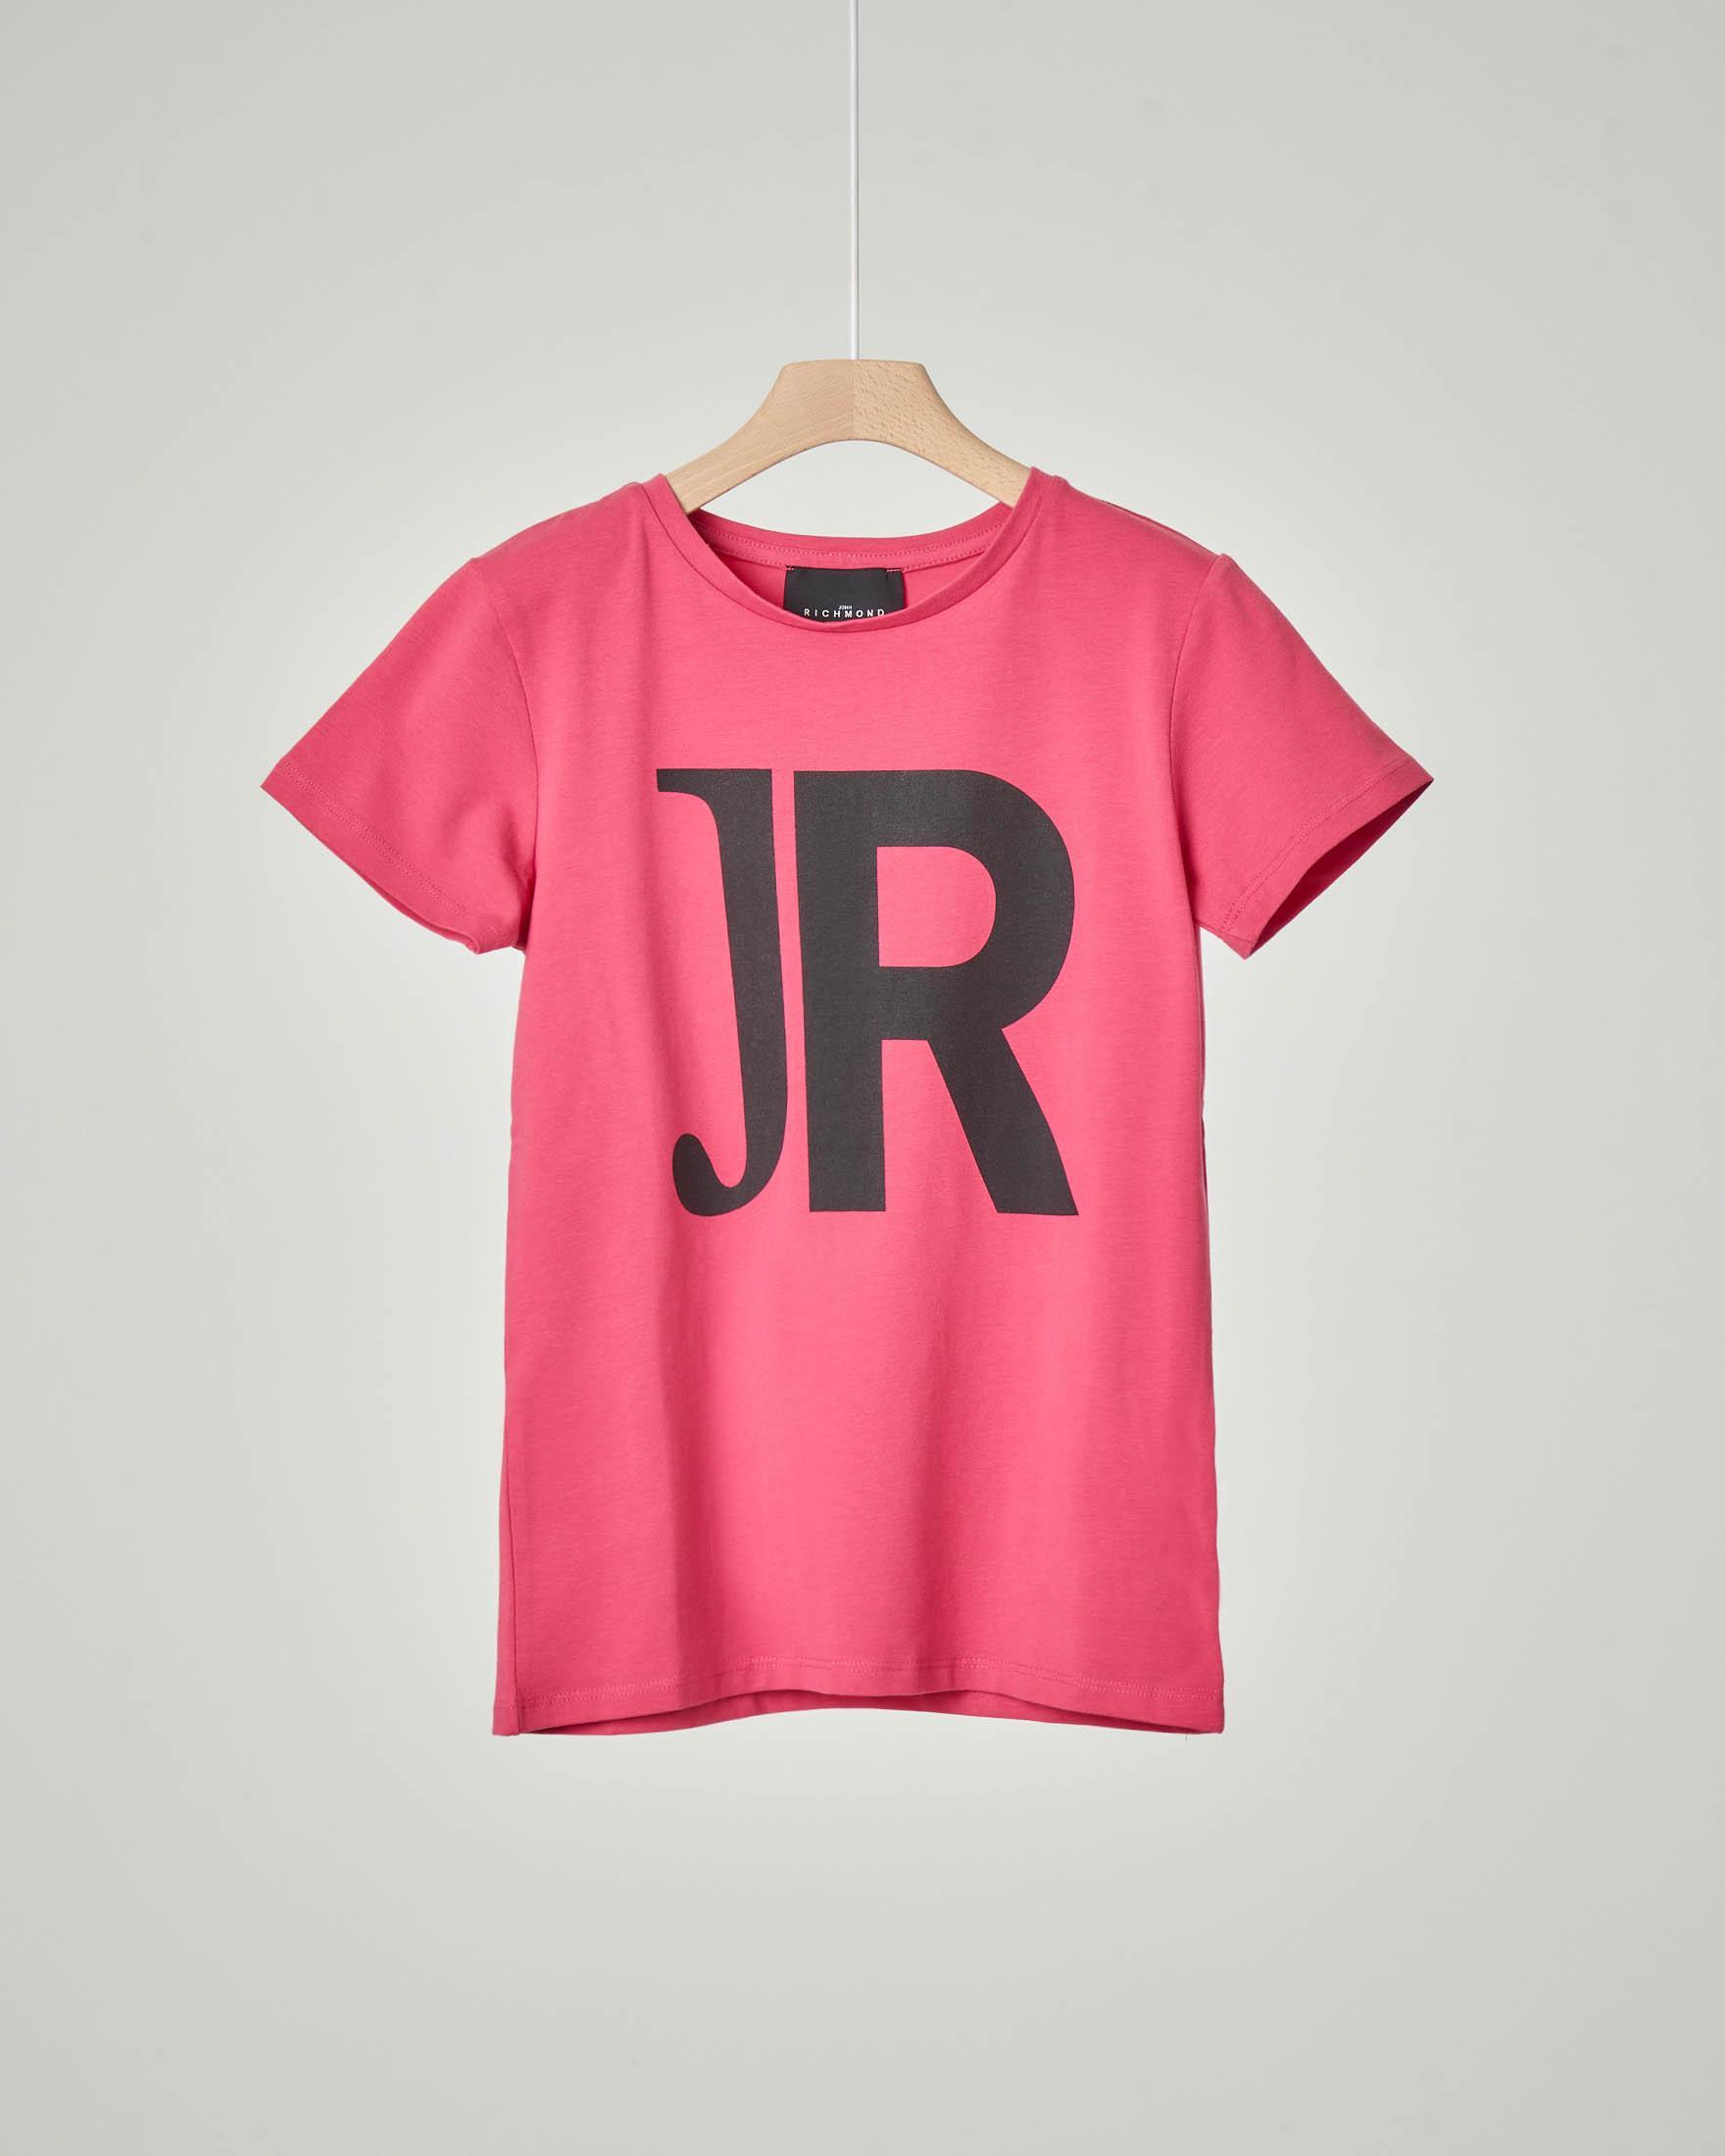 T-shirt mezza manica rosa con JR nero stampato davanti e logo sul retro 10-16 anni